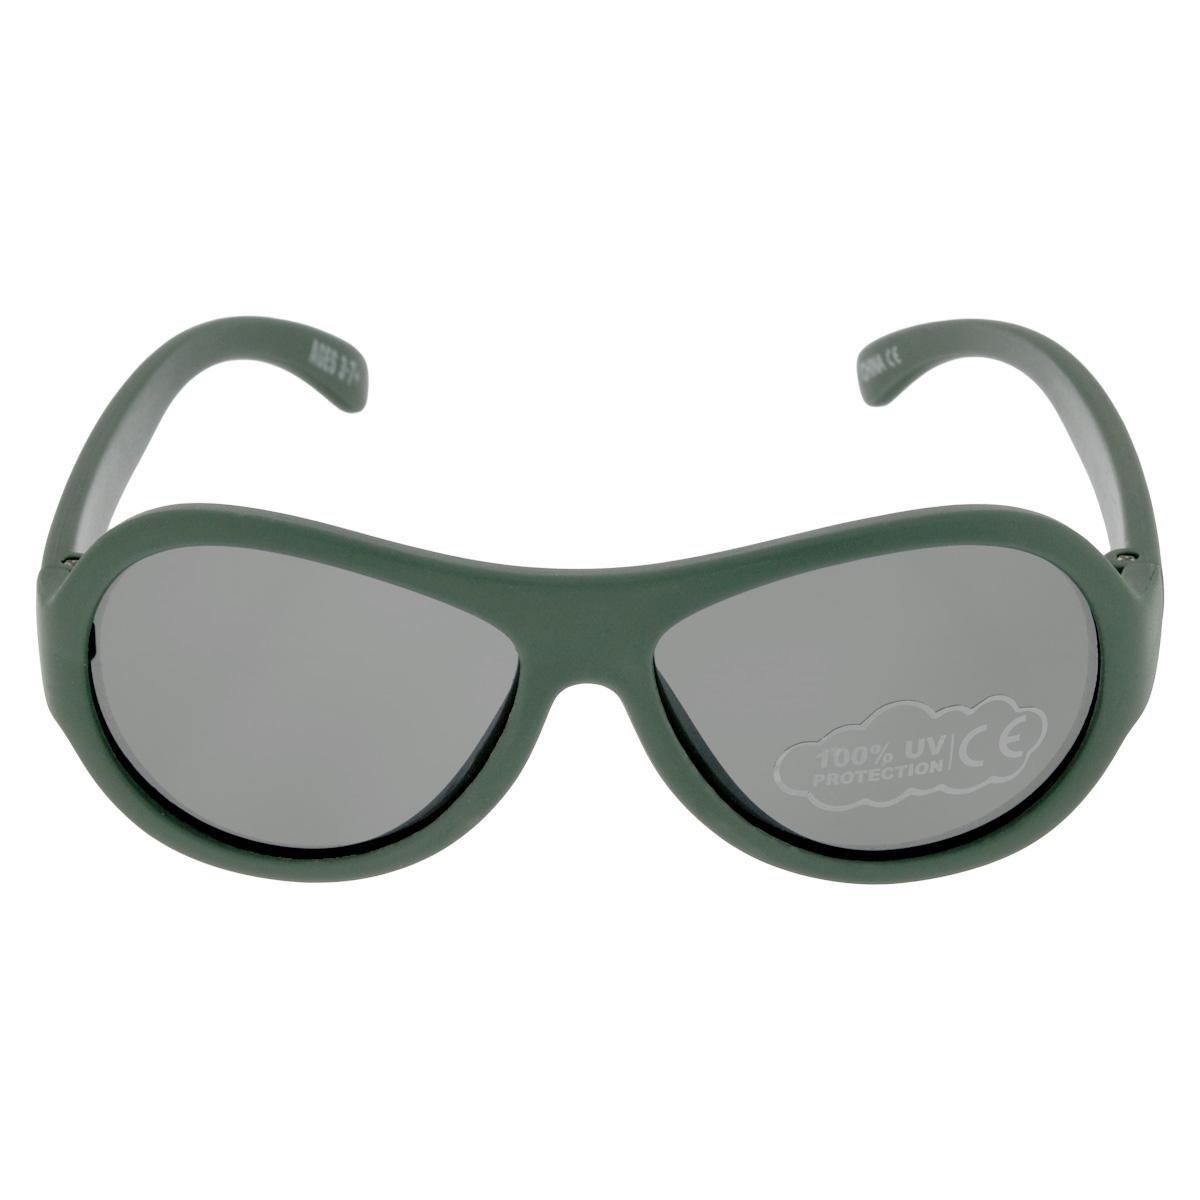 Детские солнцезащитные очки Babiators Морпех (Marine), цвет: зеленый, 3-7 летINT-06501Вы делаете все возможное, чтобы ваши дети были здоровы и в безопасности. Шлемы для езды на велосипеде, солнцезащитный крем для прогулок на солнце... Но как насчёт влияния солнца на глаза вашего ребёнка? Правда в том, что сетчатка глаза у детей развивается вместе с самим ребёнком. Это означает, что глаза малышей не могут отфильтровать УФ-излучение. Проблема понятна - детям нужна настоящая защита, чтобы глазки были в безопасности, а зрение сильным. Каждая пара солнцезащитных очков Babiators для детей обеспечивает 100% защиту от UVA и UVB. Прочные линзы высшего качества не подведут в самых сложных переделках. В отличие от обычных пластиковых очков, оправа Babiators выполнена из гибкого прорезиненного материала, что делает их ударопрочными, их можно сгибать и крутить - они не сломаются и вернутся в прежнюю форму. Не бойтесь, что ребёнок сядет на них - они всё выдержат. Будьте уверены, что очки Babiators созданы безопасными, прочными и классными, так что вы и ваш ребенок можете приступать к своим приключениям!